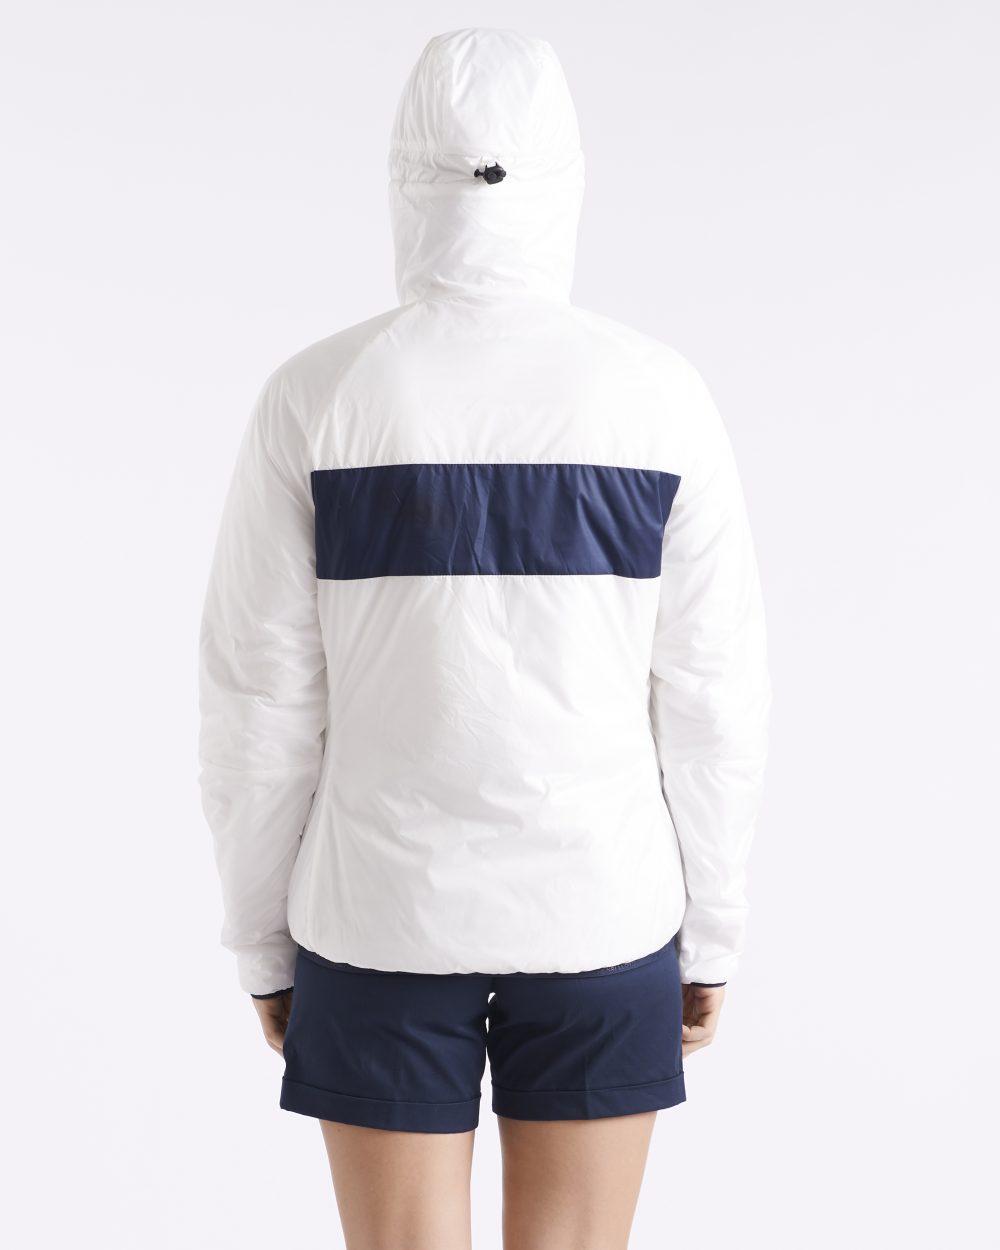 Naisten valkoinen synteettistä untuvaa oleva takki takaapäin